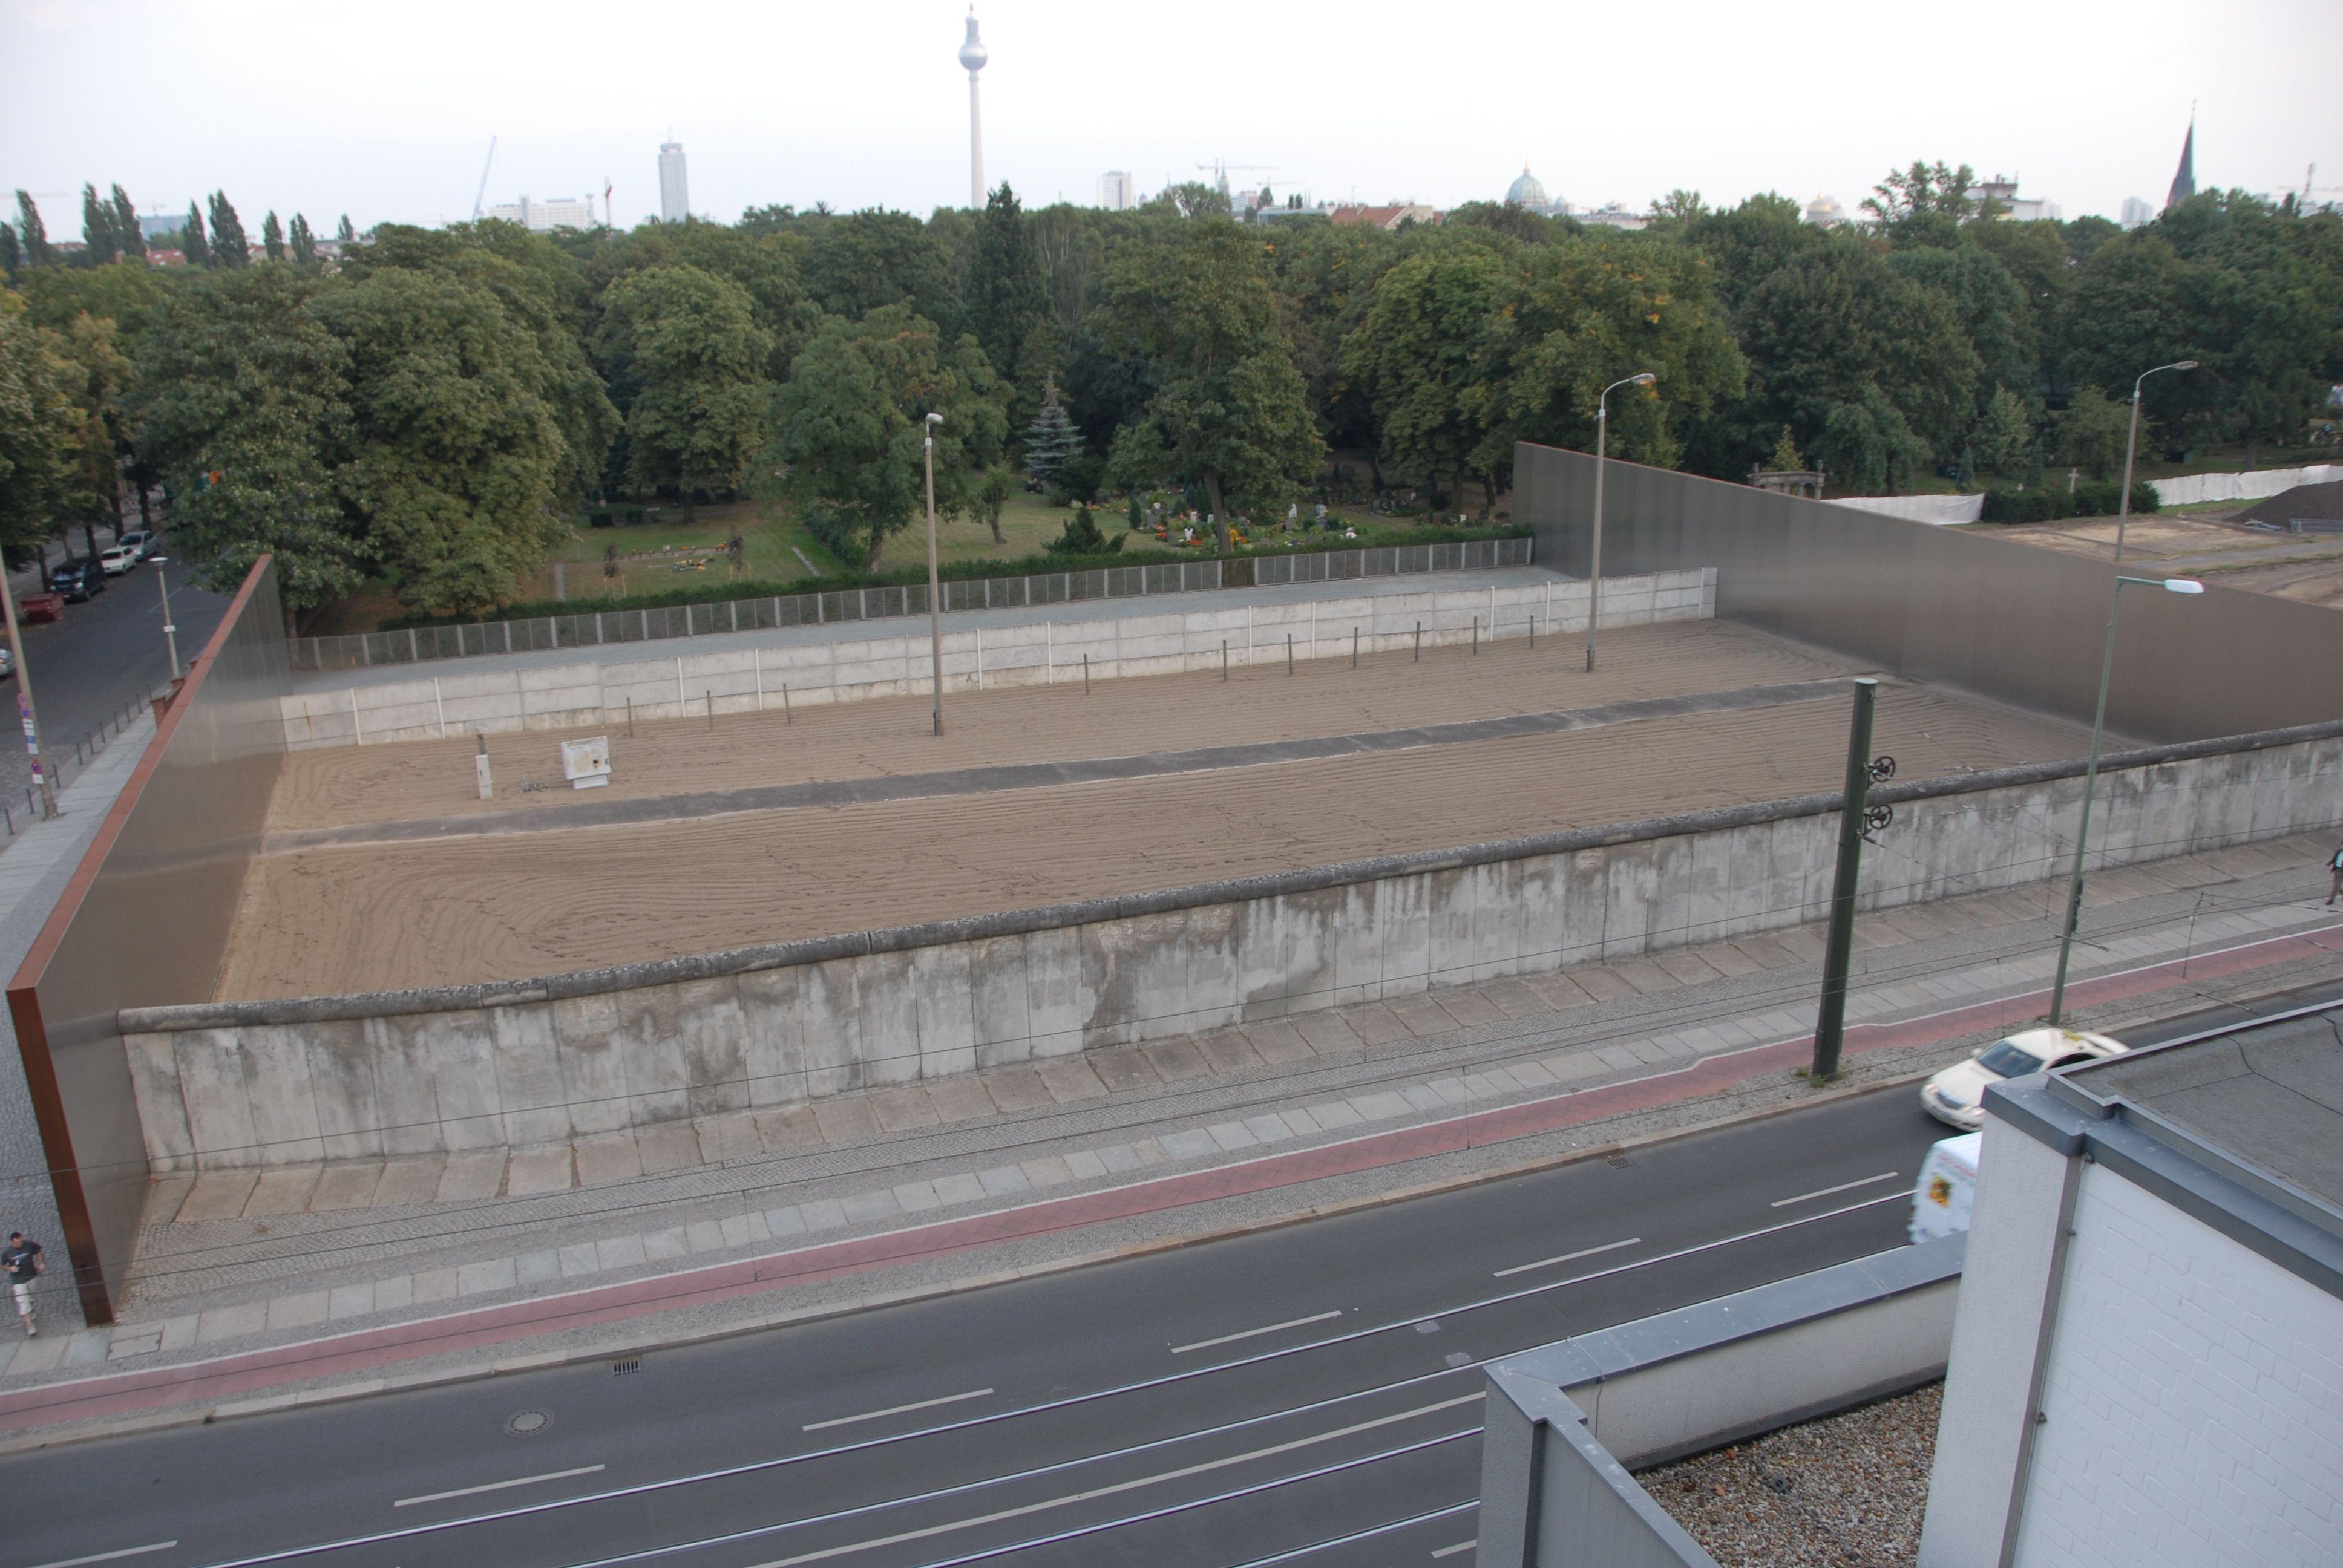 Gedenkstatte Berliner Mauer Een Origineel Stuk Berlijnse Muur En Meer Berlijn Muur Berlijn Duitsland Berlijn